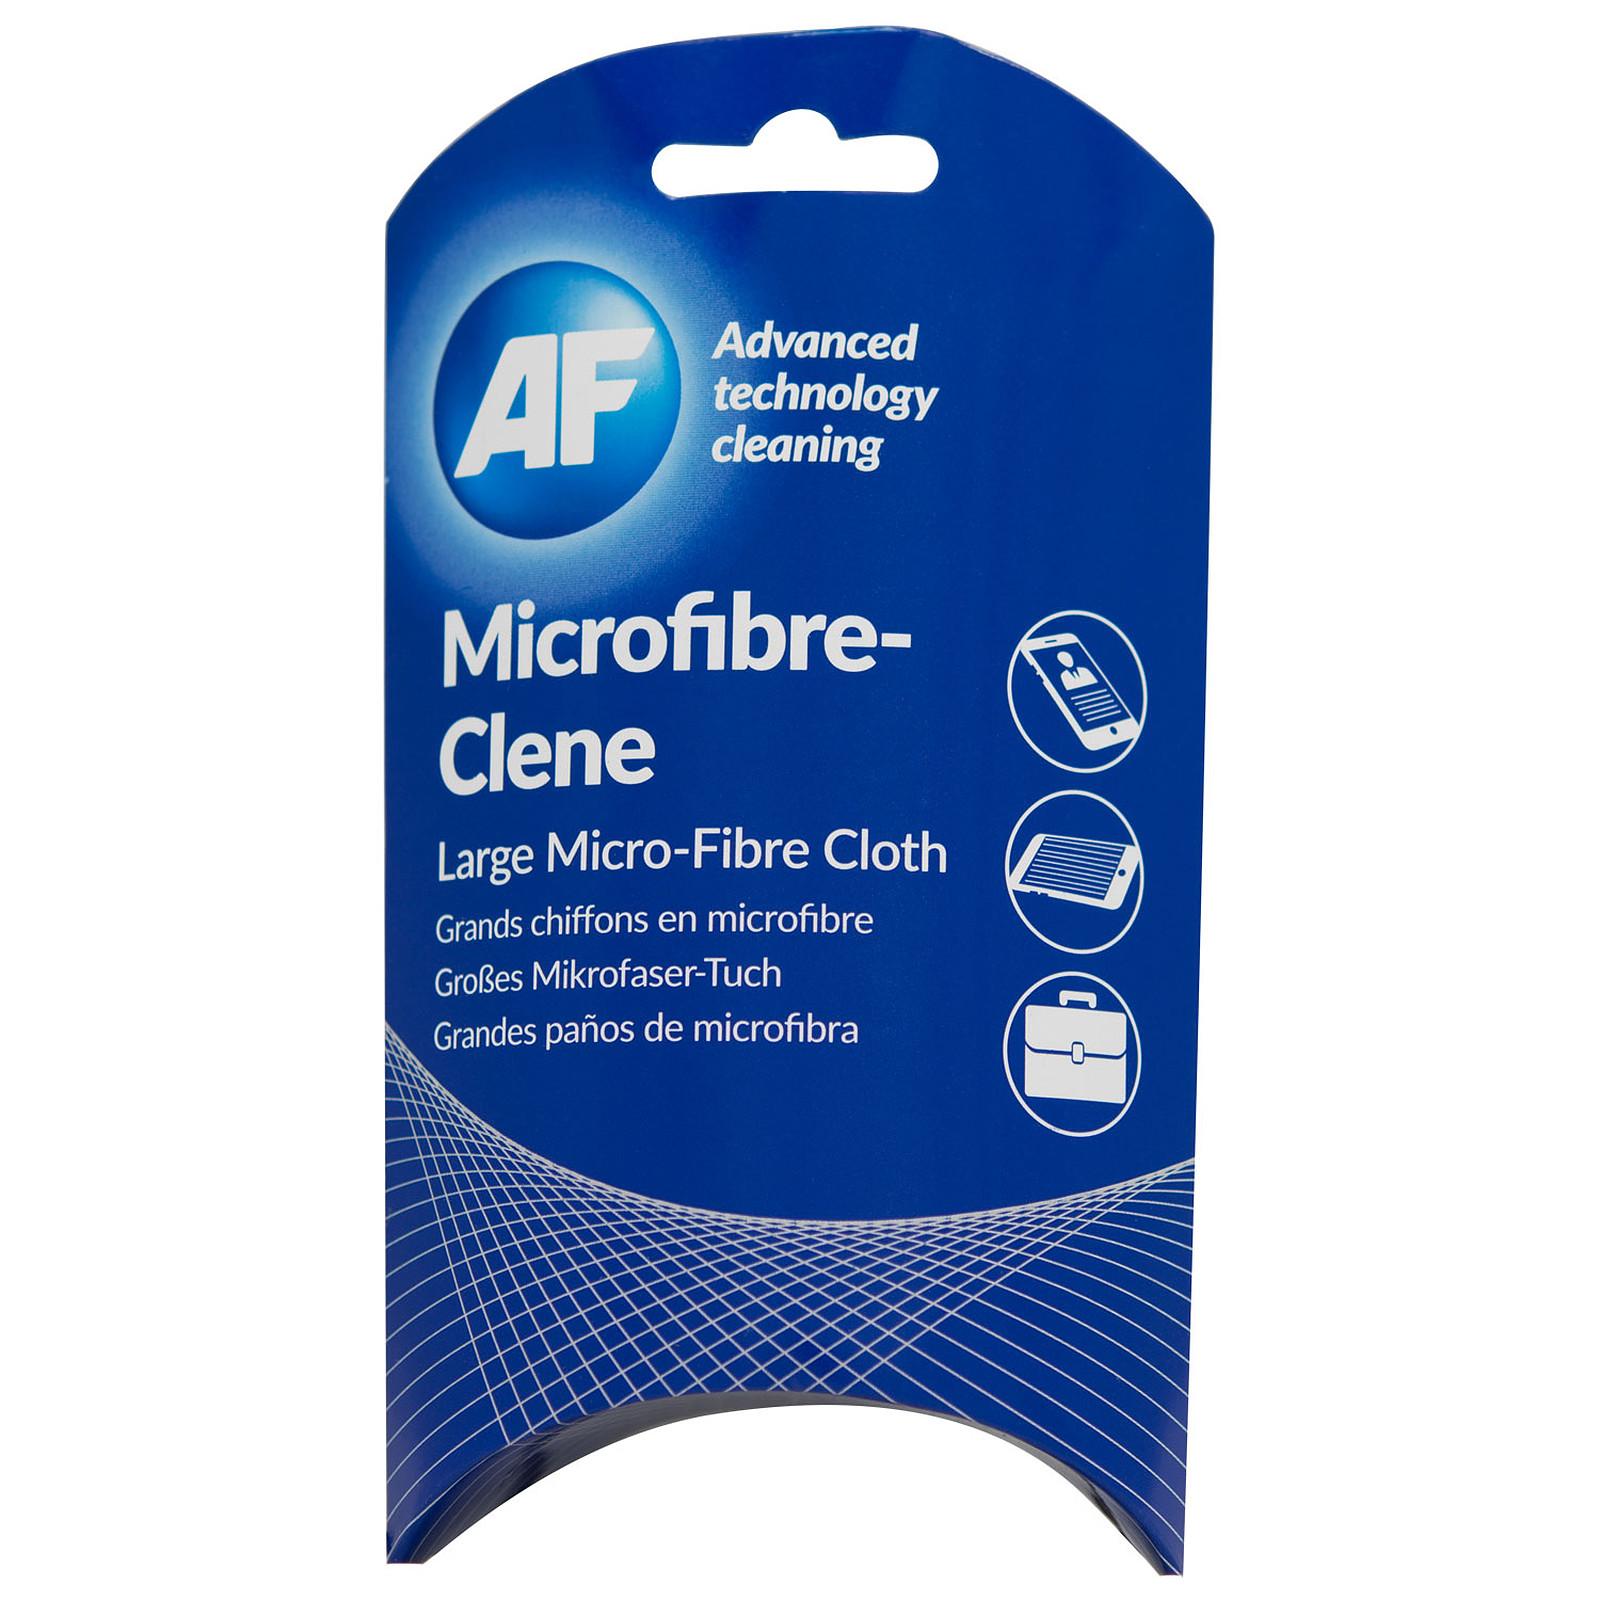 AF Microfibre Clene